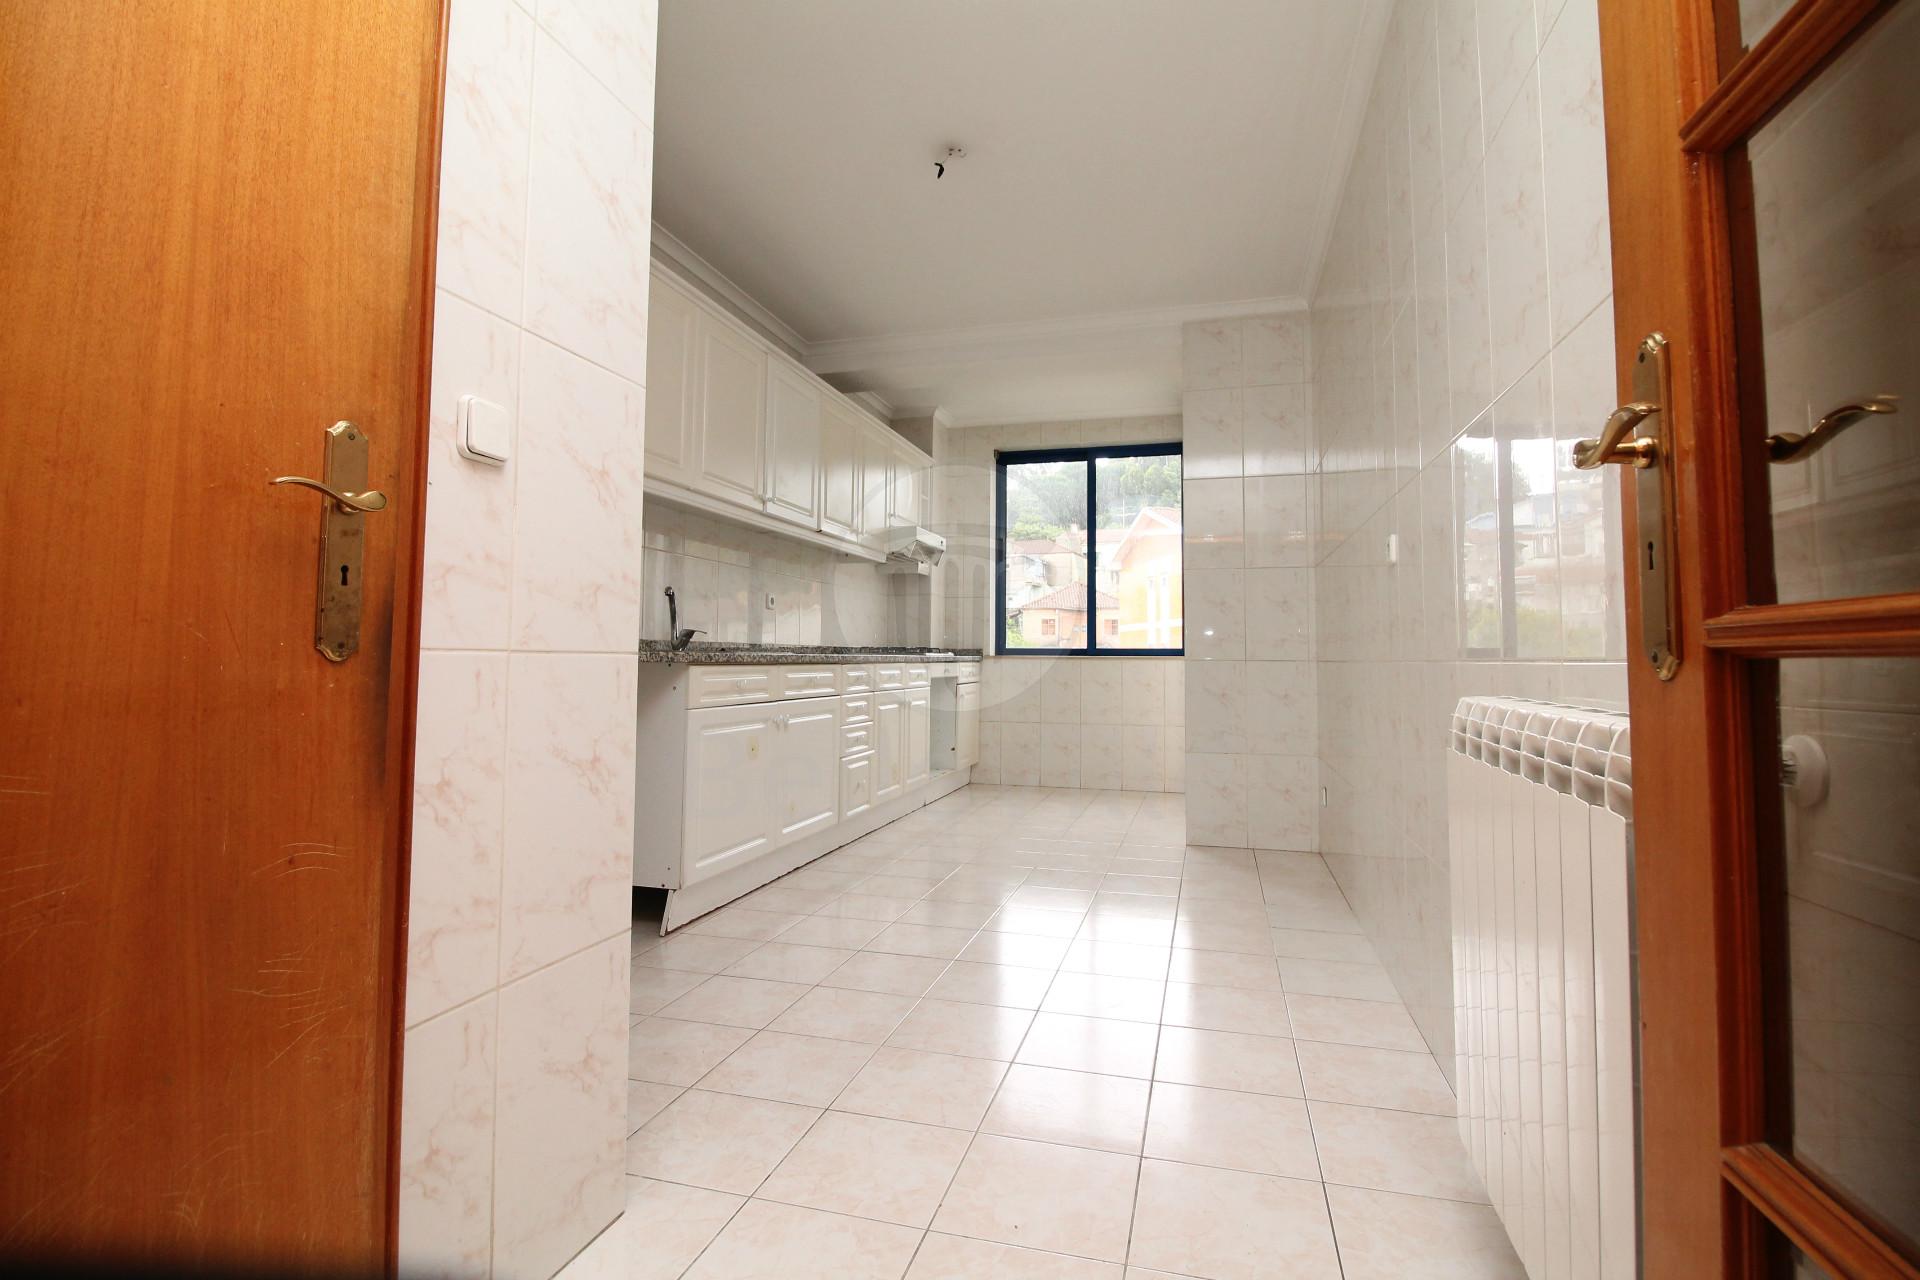 Apartamento T2 para arrendar, próximo do Braga Parque